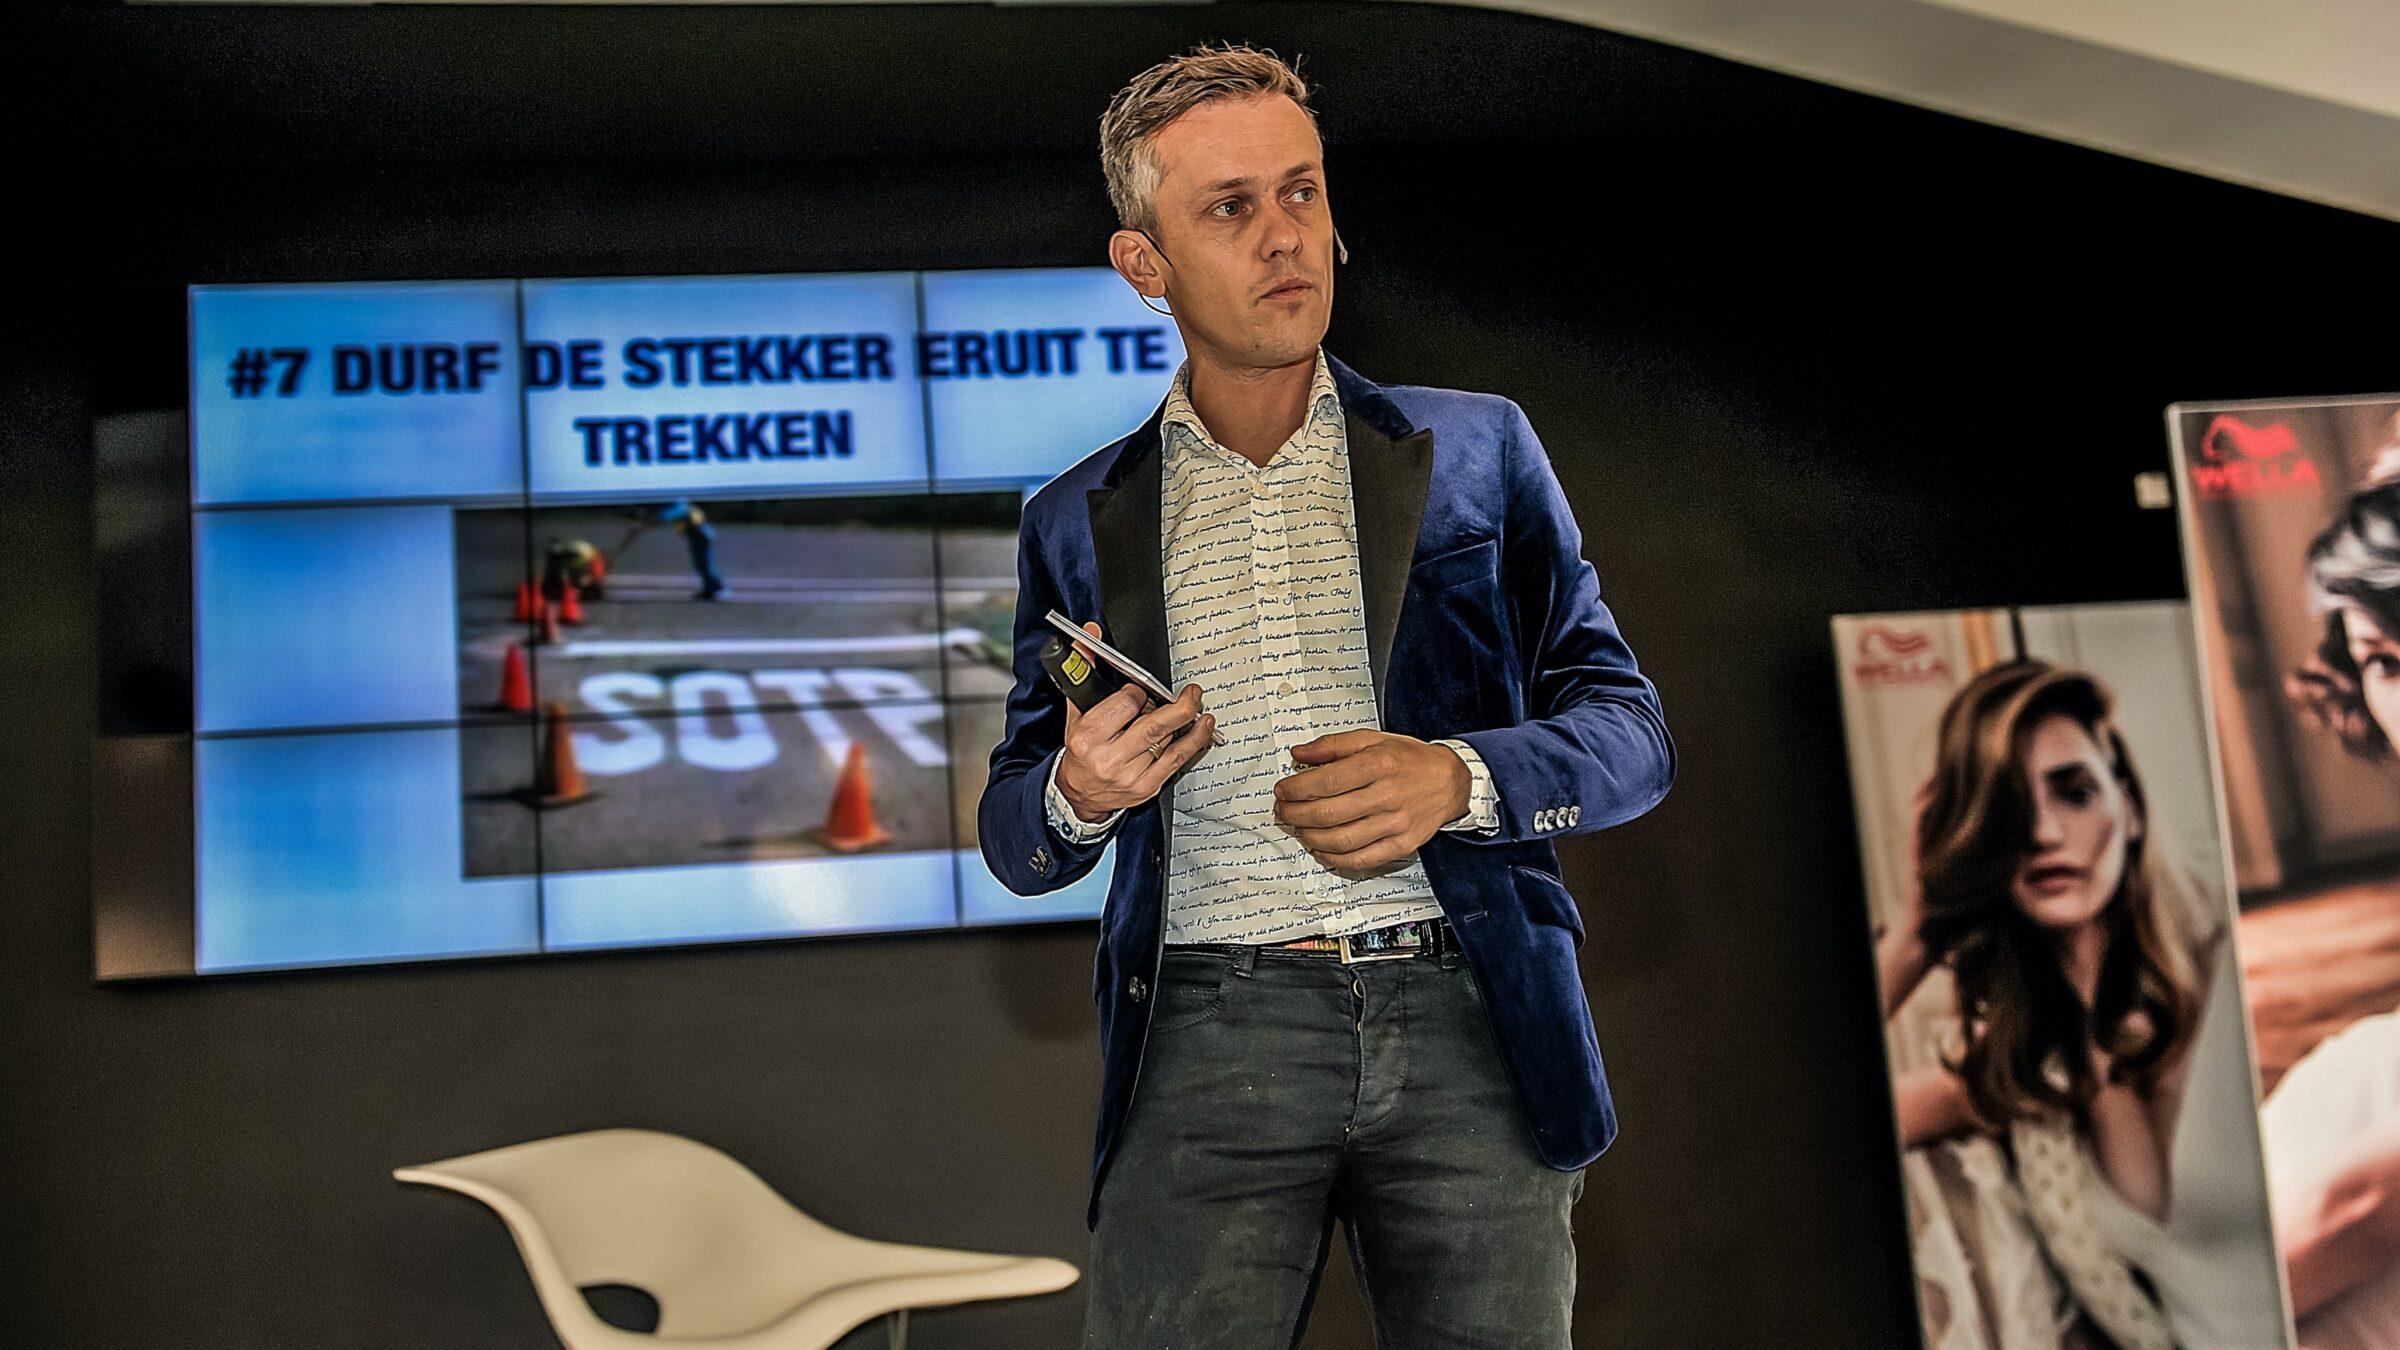 Hans Janssen DenkProducties op het podium (foto- Coos de Joode fotografie)